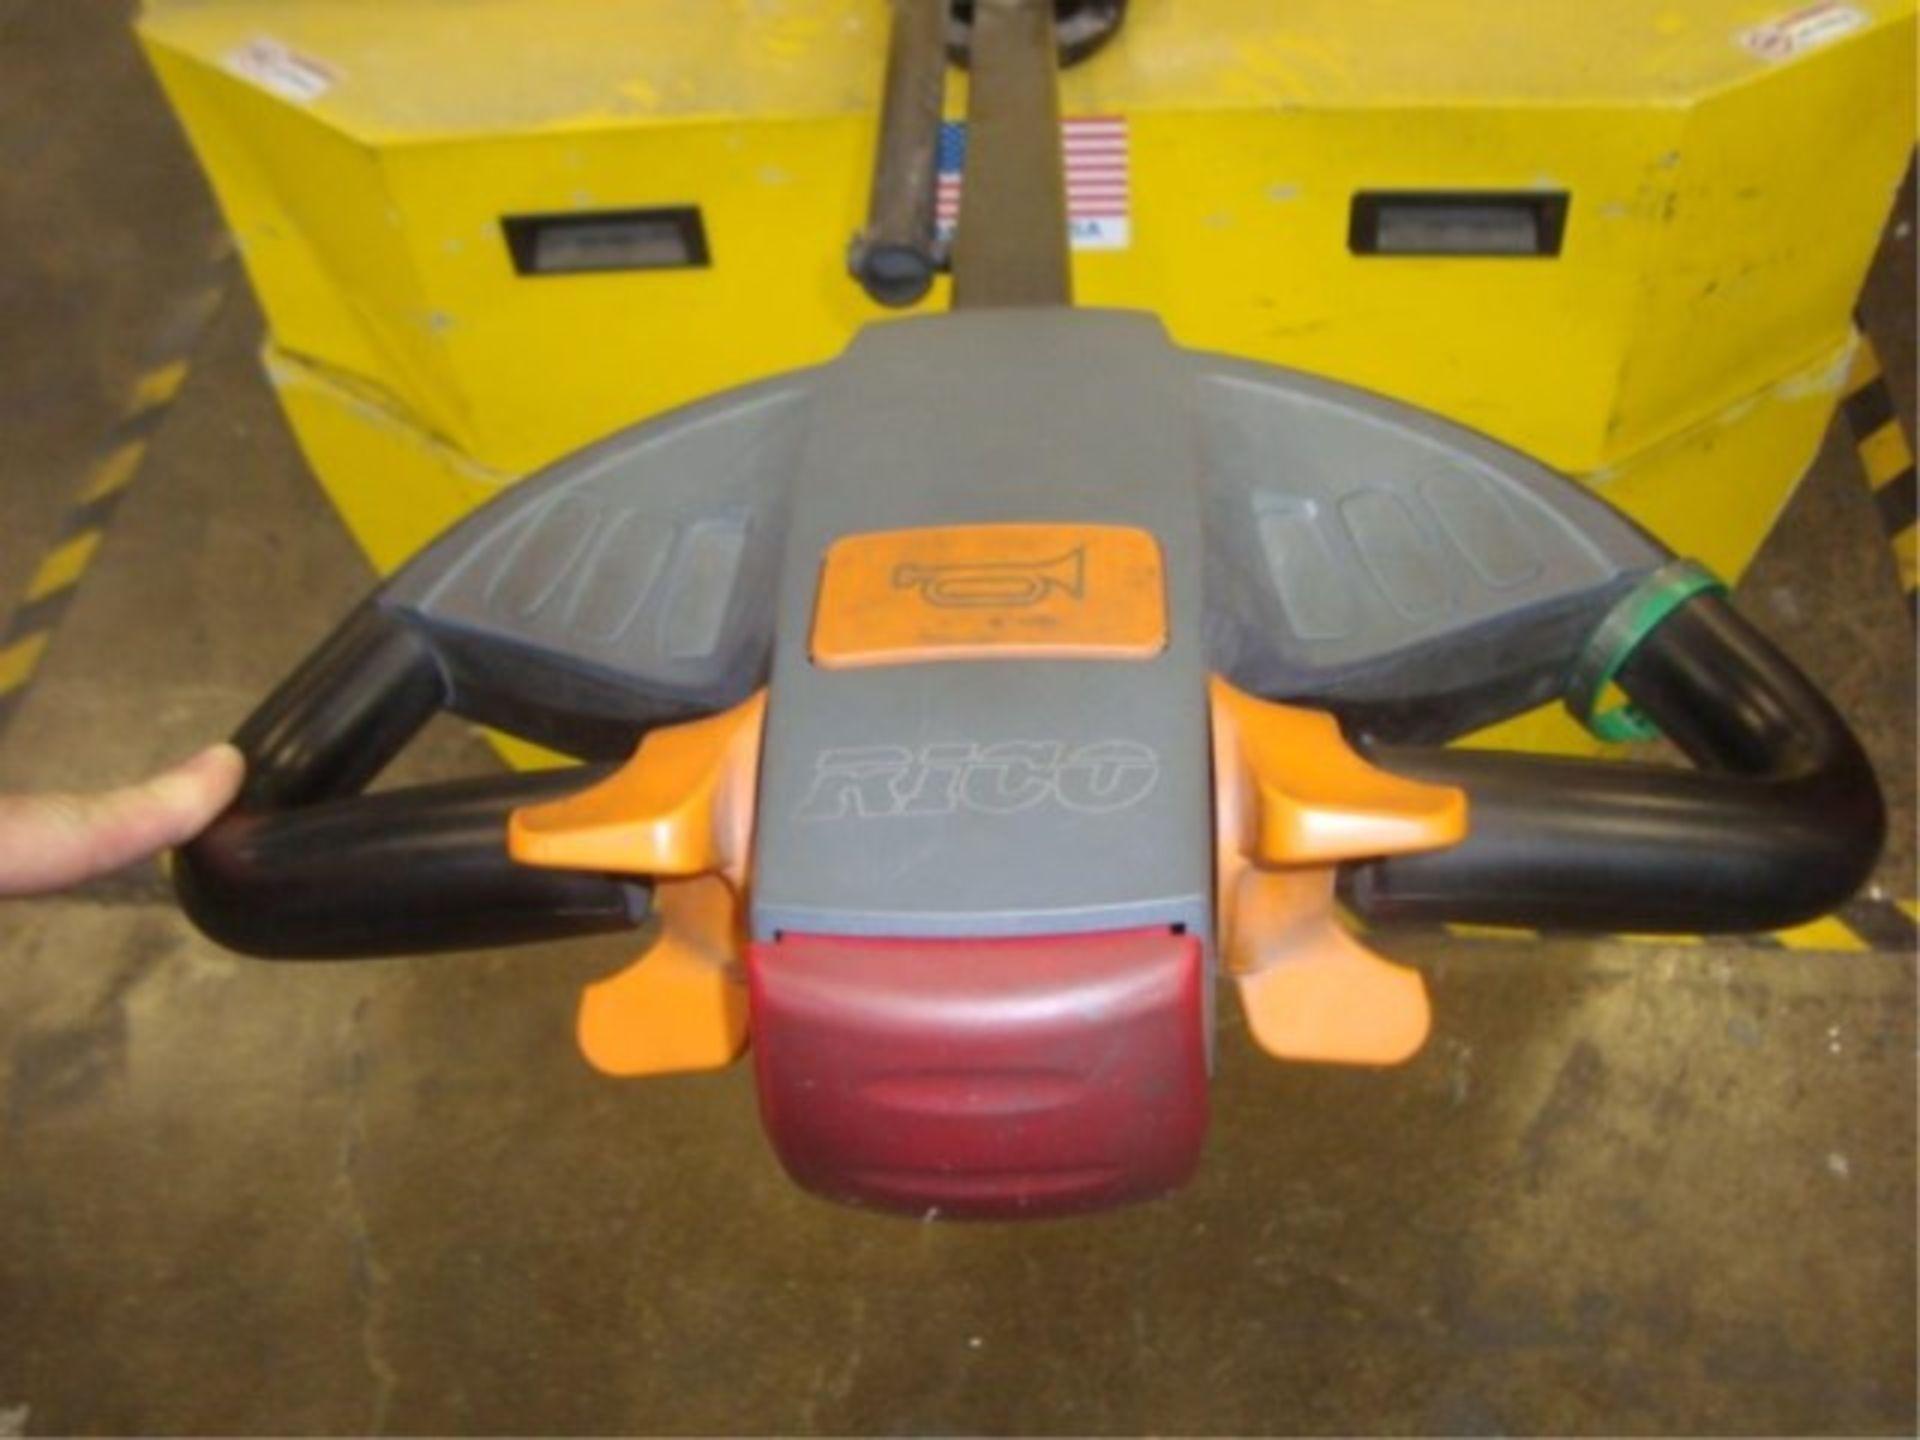 Lot 133 - Heavy Duty Electric Die Lift & Transport Cart